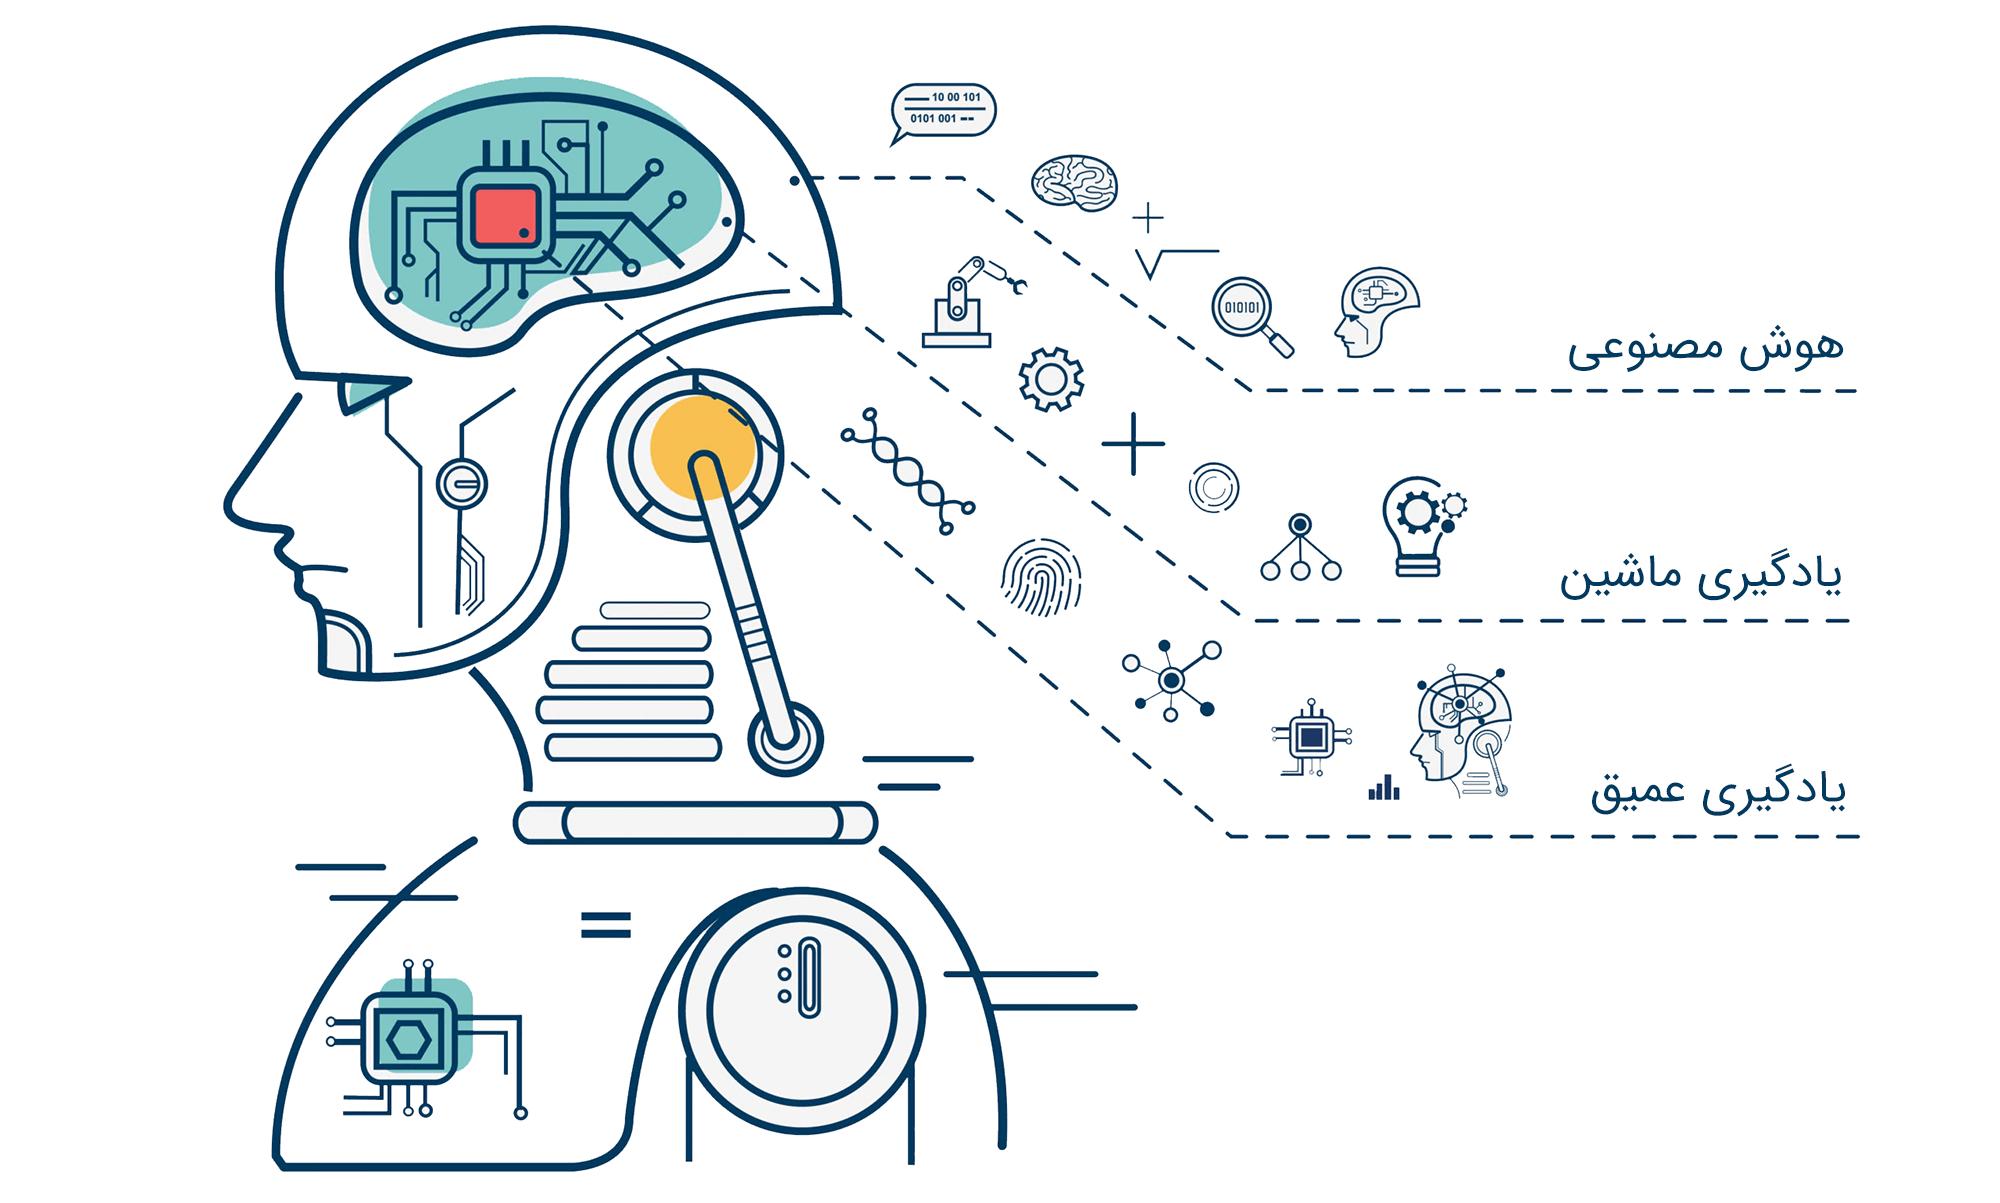 انواع روشهای یادگیری ماشین به زبان ساده